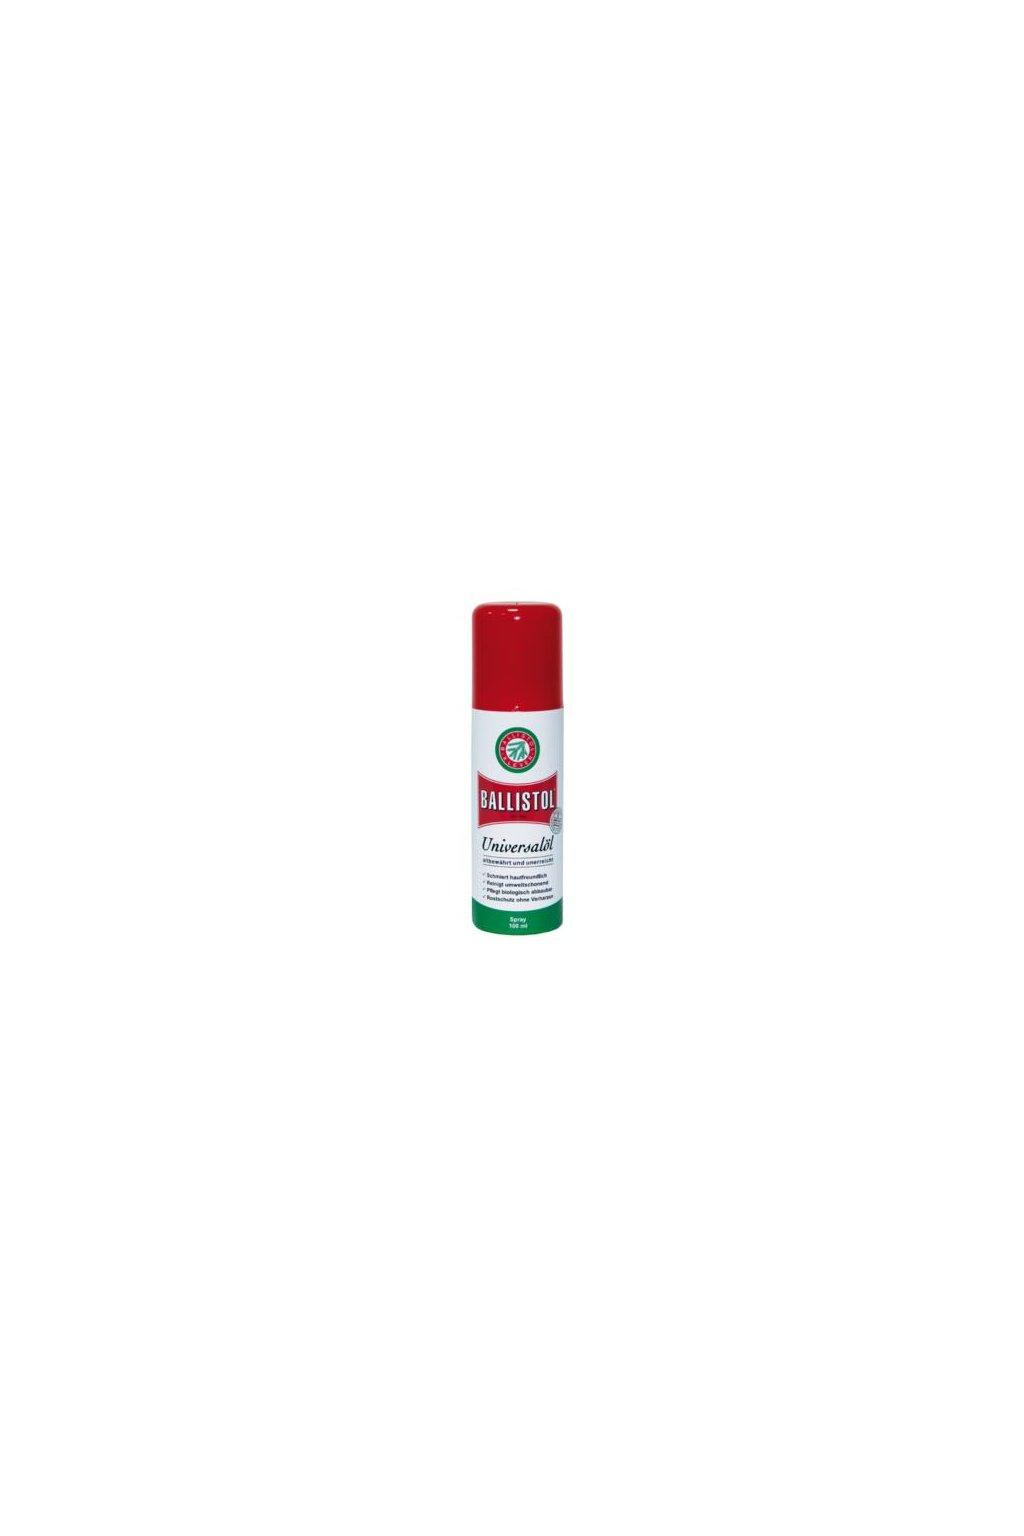 ballistol universaloel spray